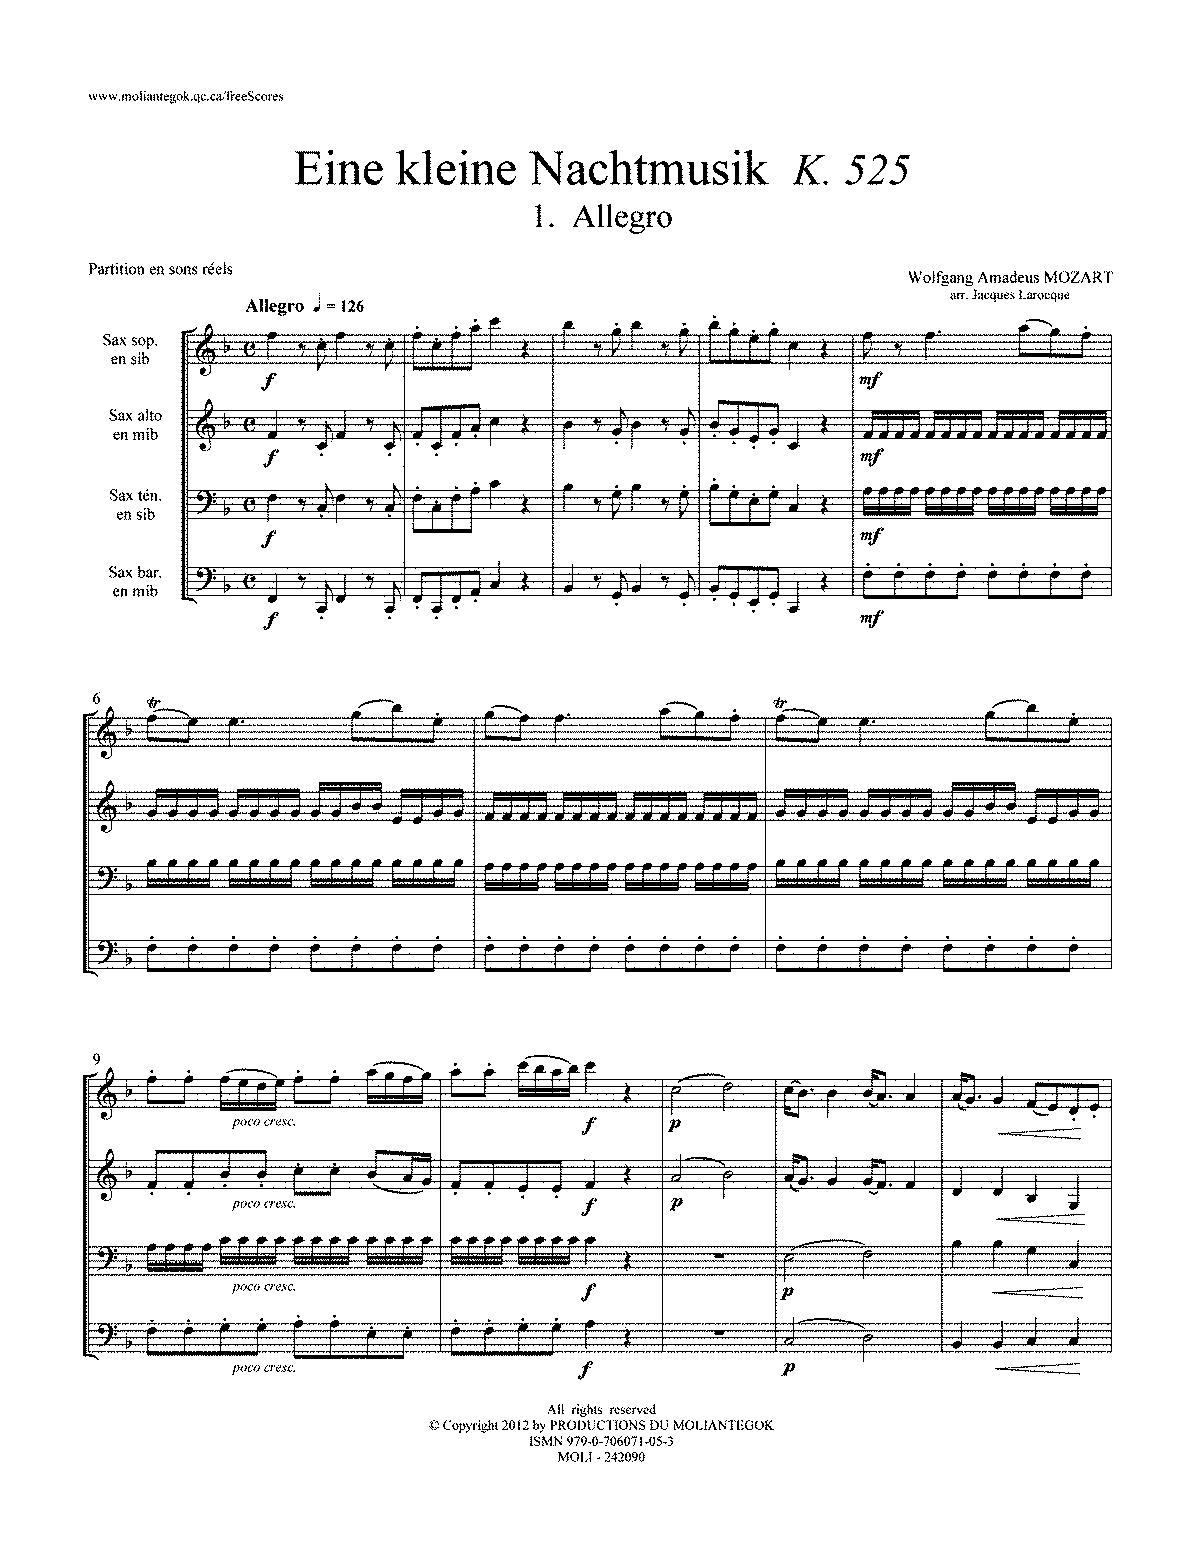 eine kleine nachtmusik piano sheet music pdf